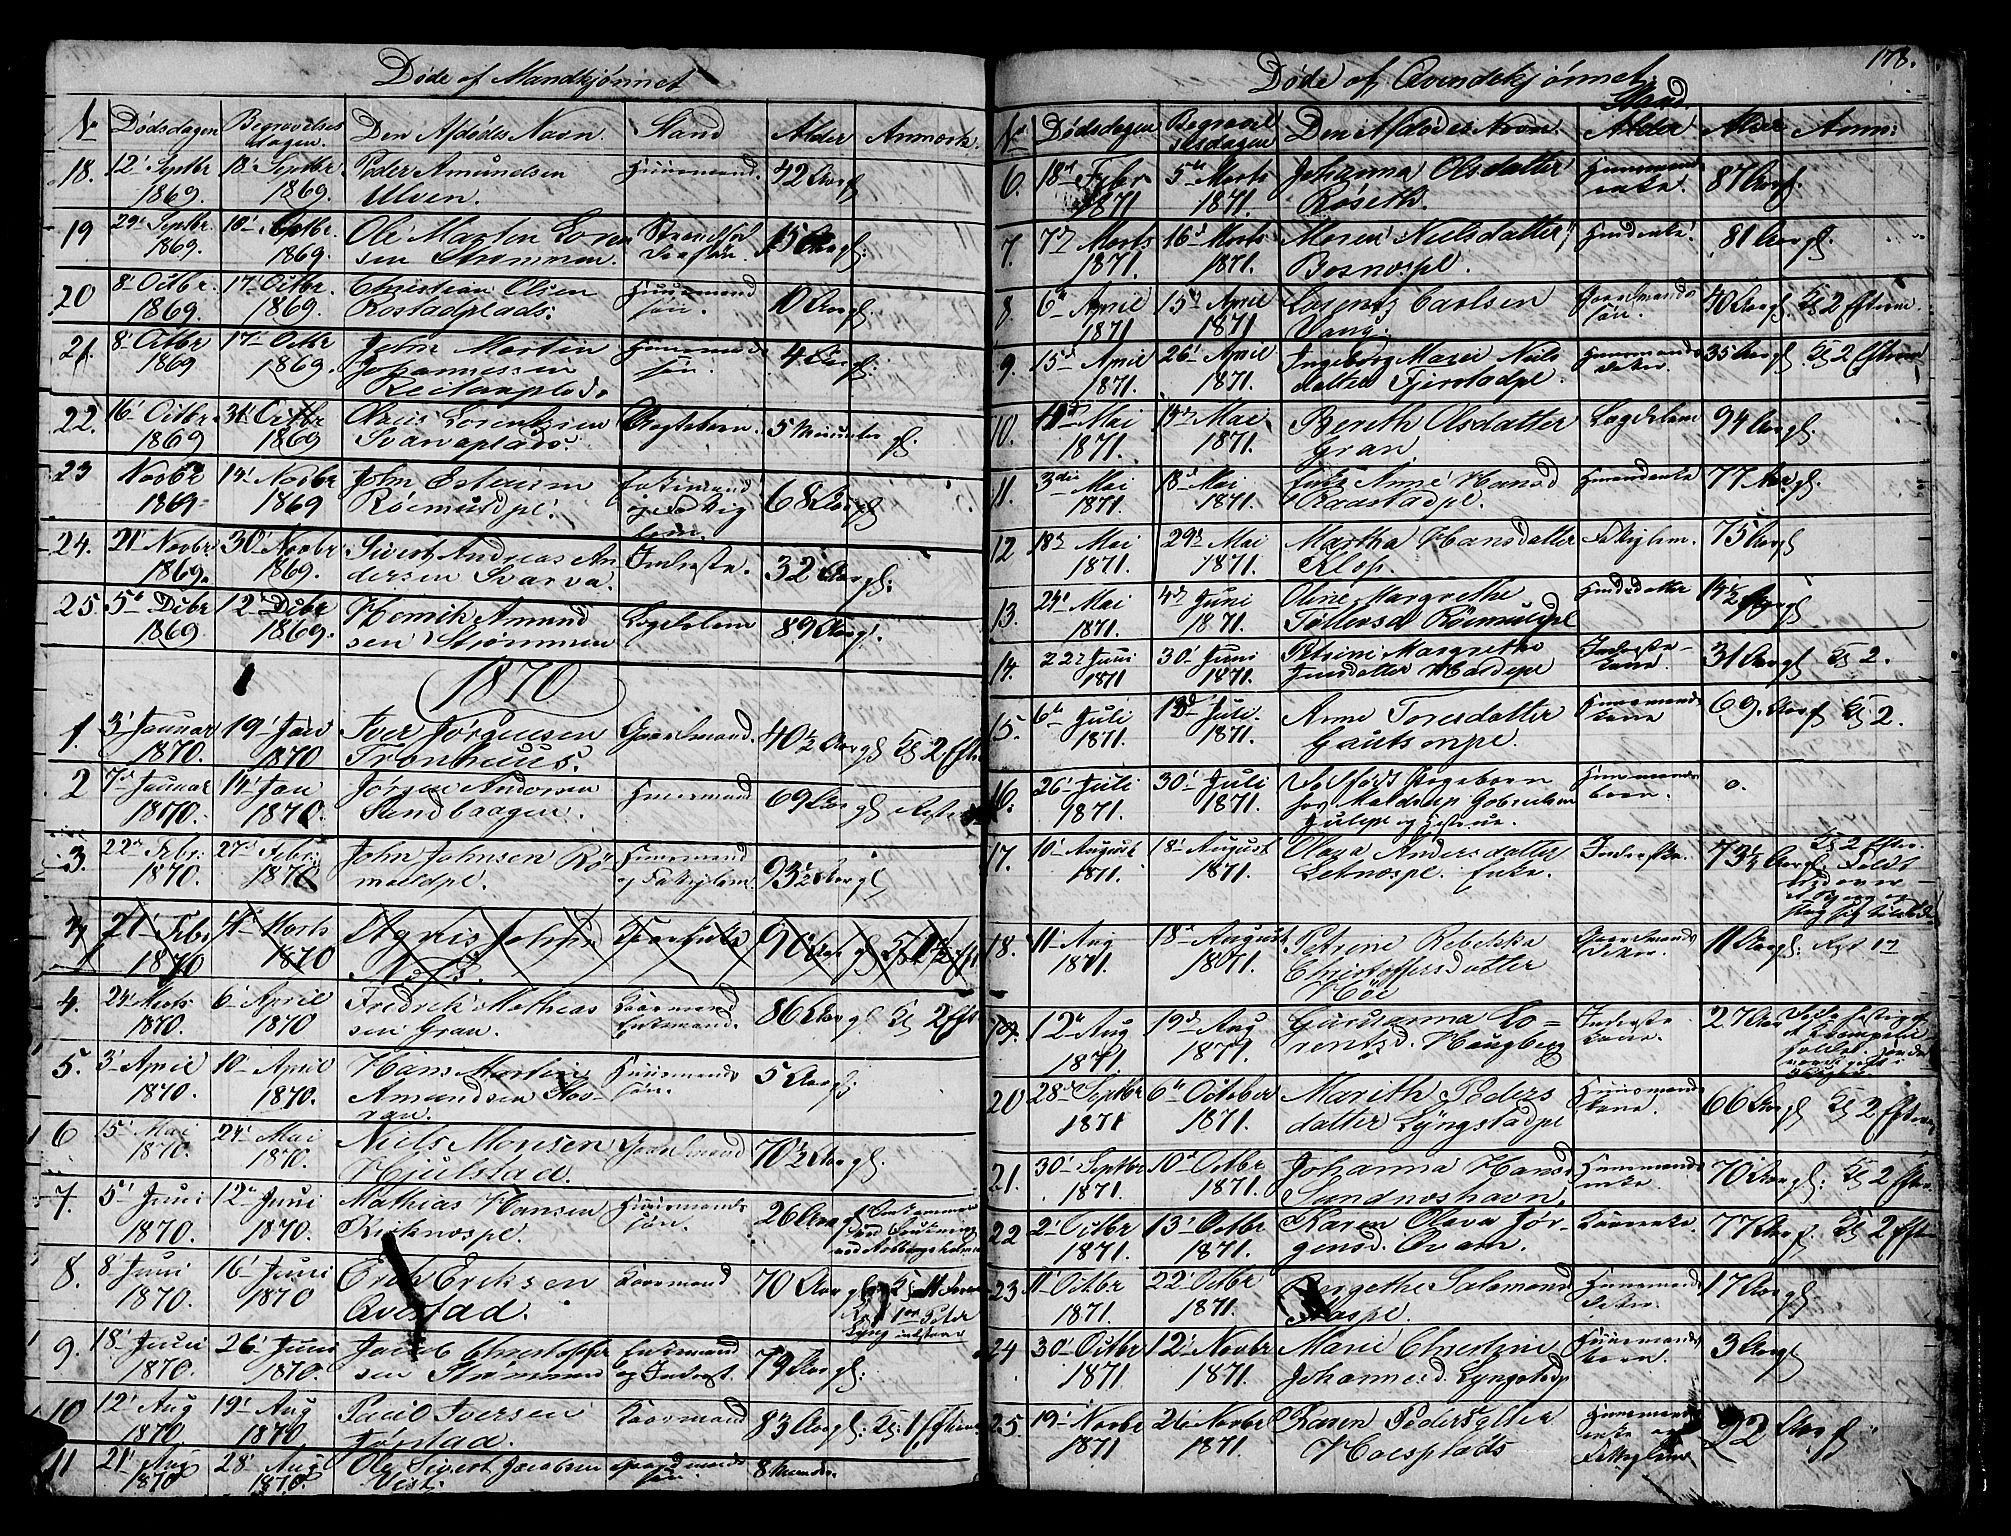 SAT, Ministerialprotokoller, klokkerbøker og fødselsregistre - Nord-Trøndelag, 730/L0299: Klokkerbok nr. 730C02, 1849-1871, s. 178